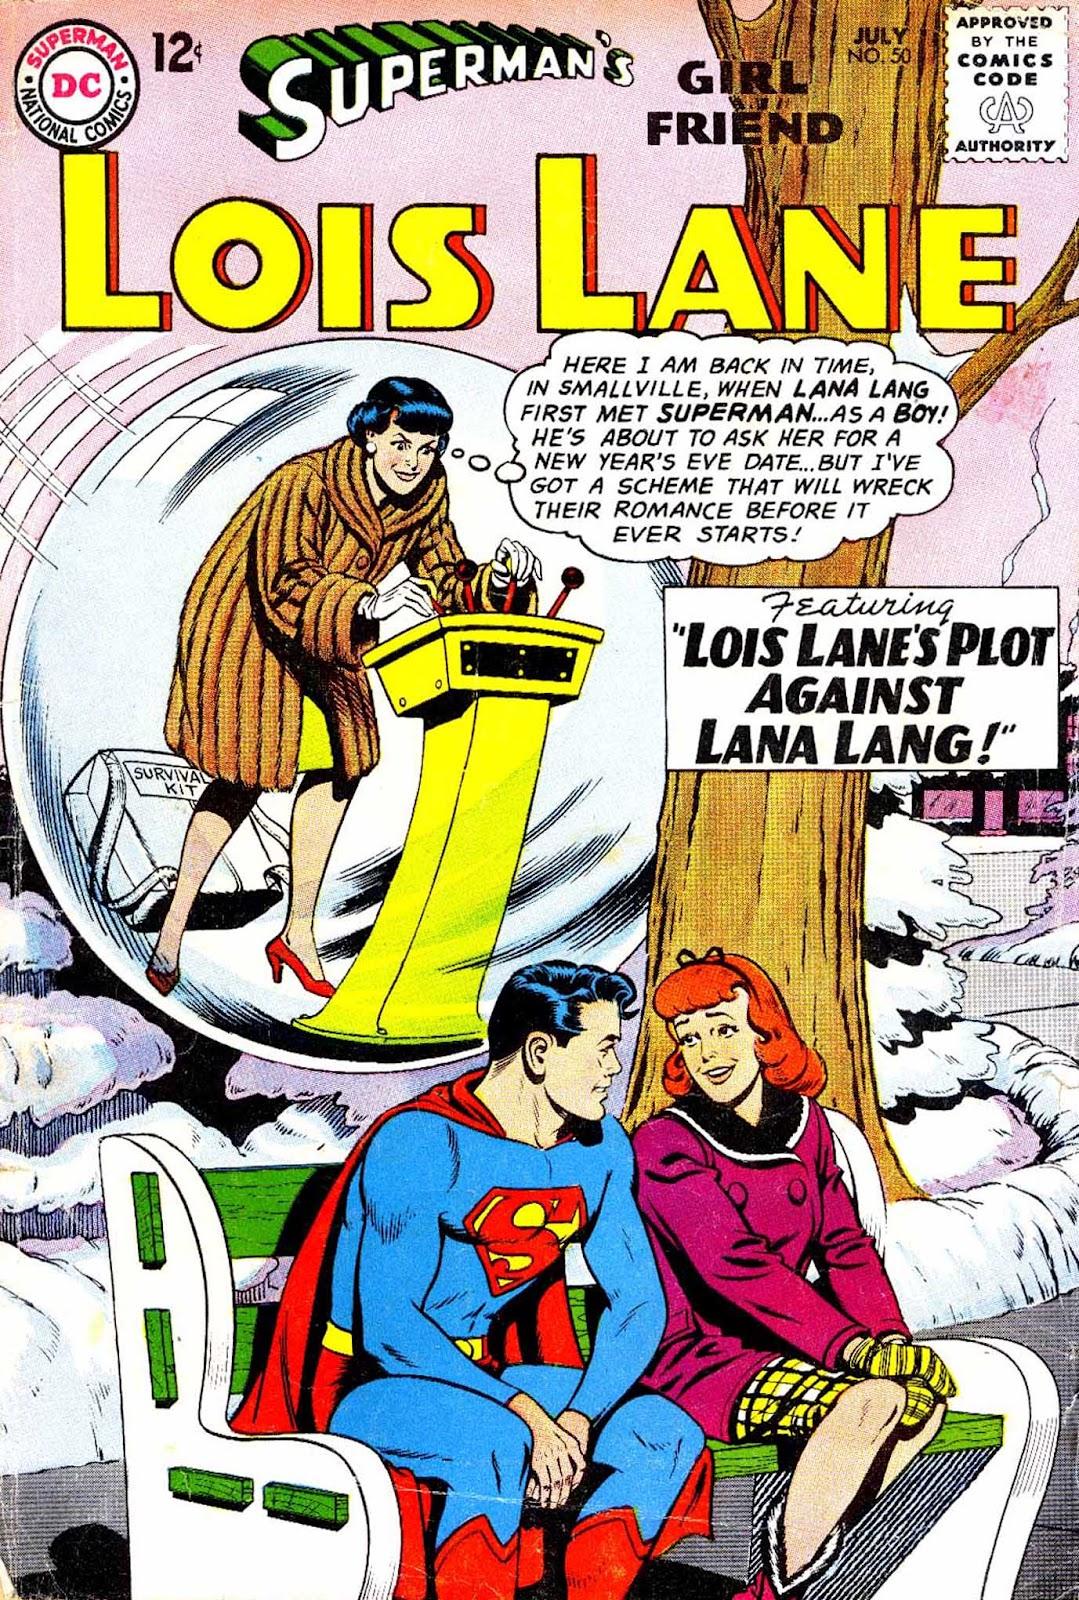 Supermans Girl Friend, Lois Lane 50 Page 1